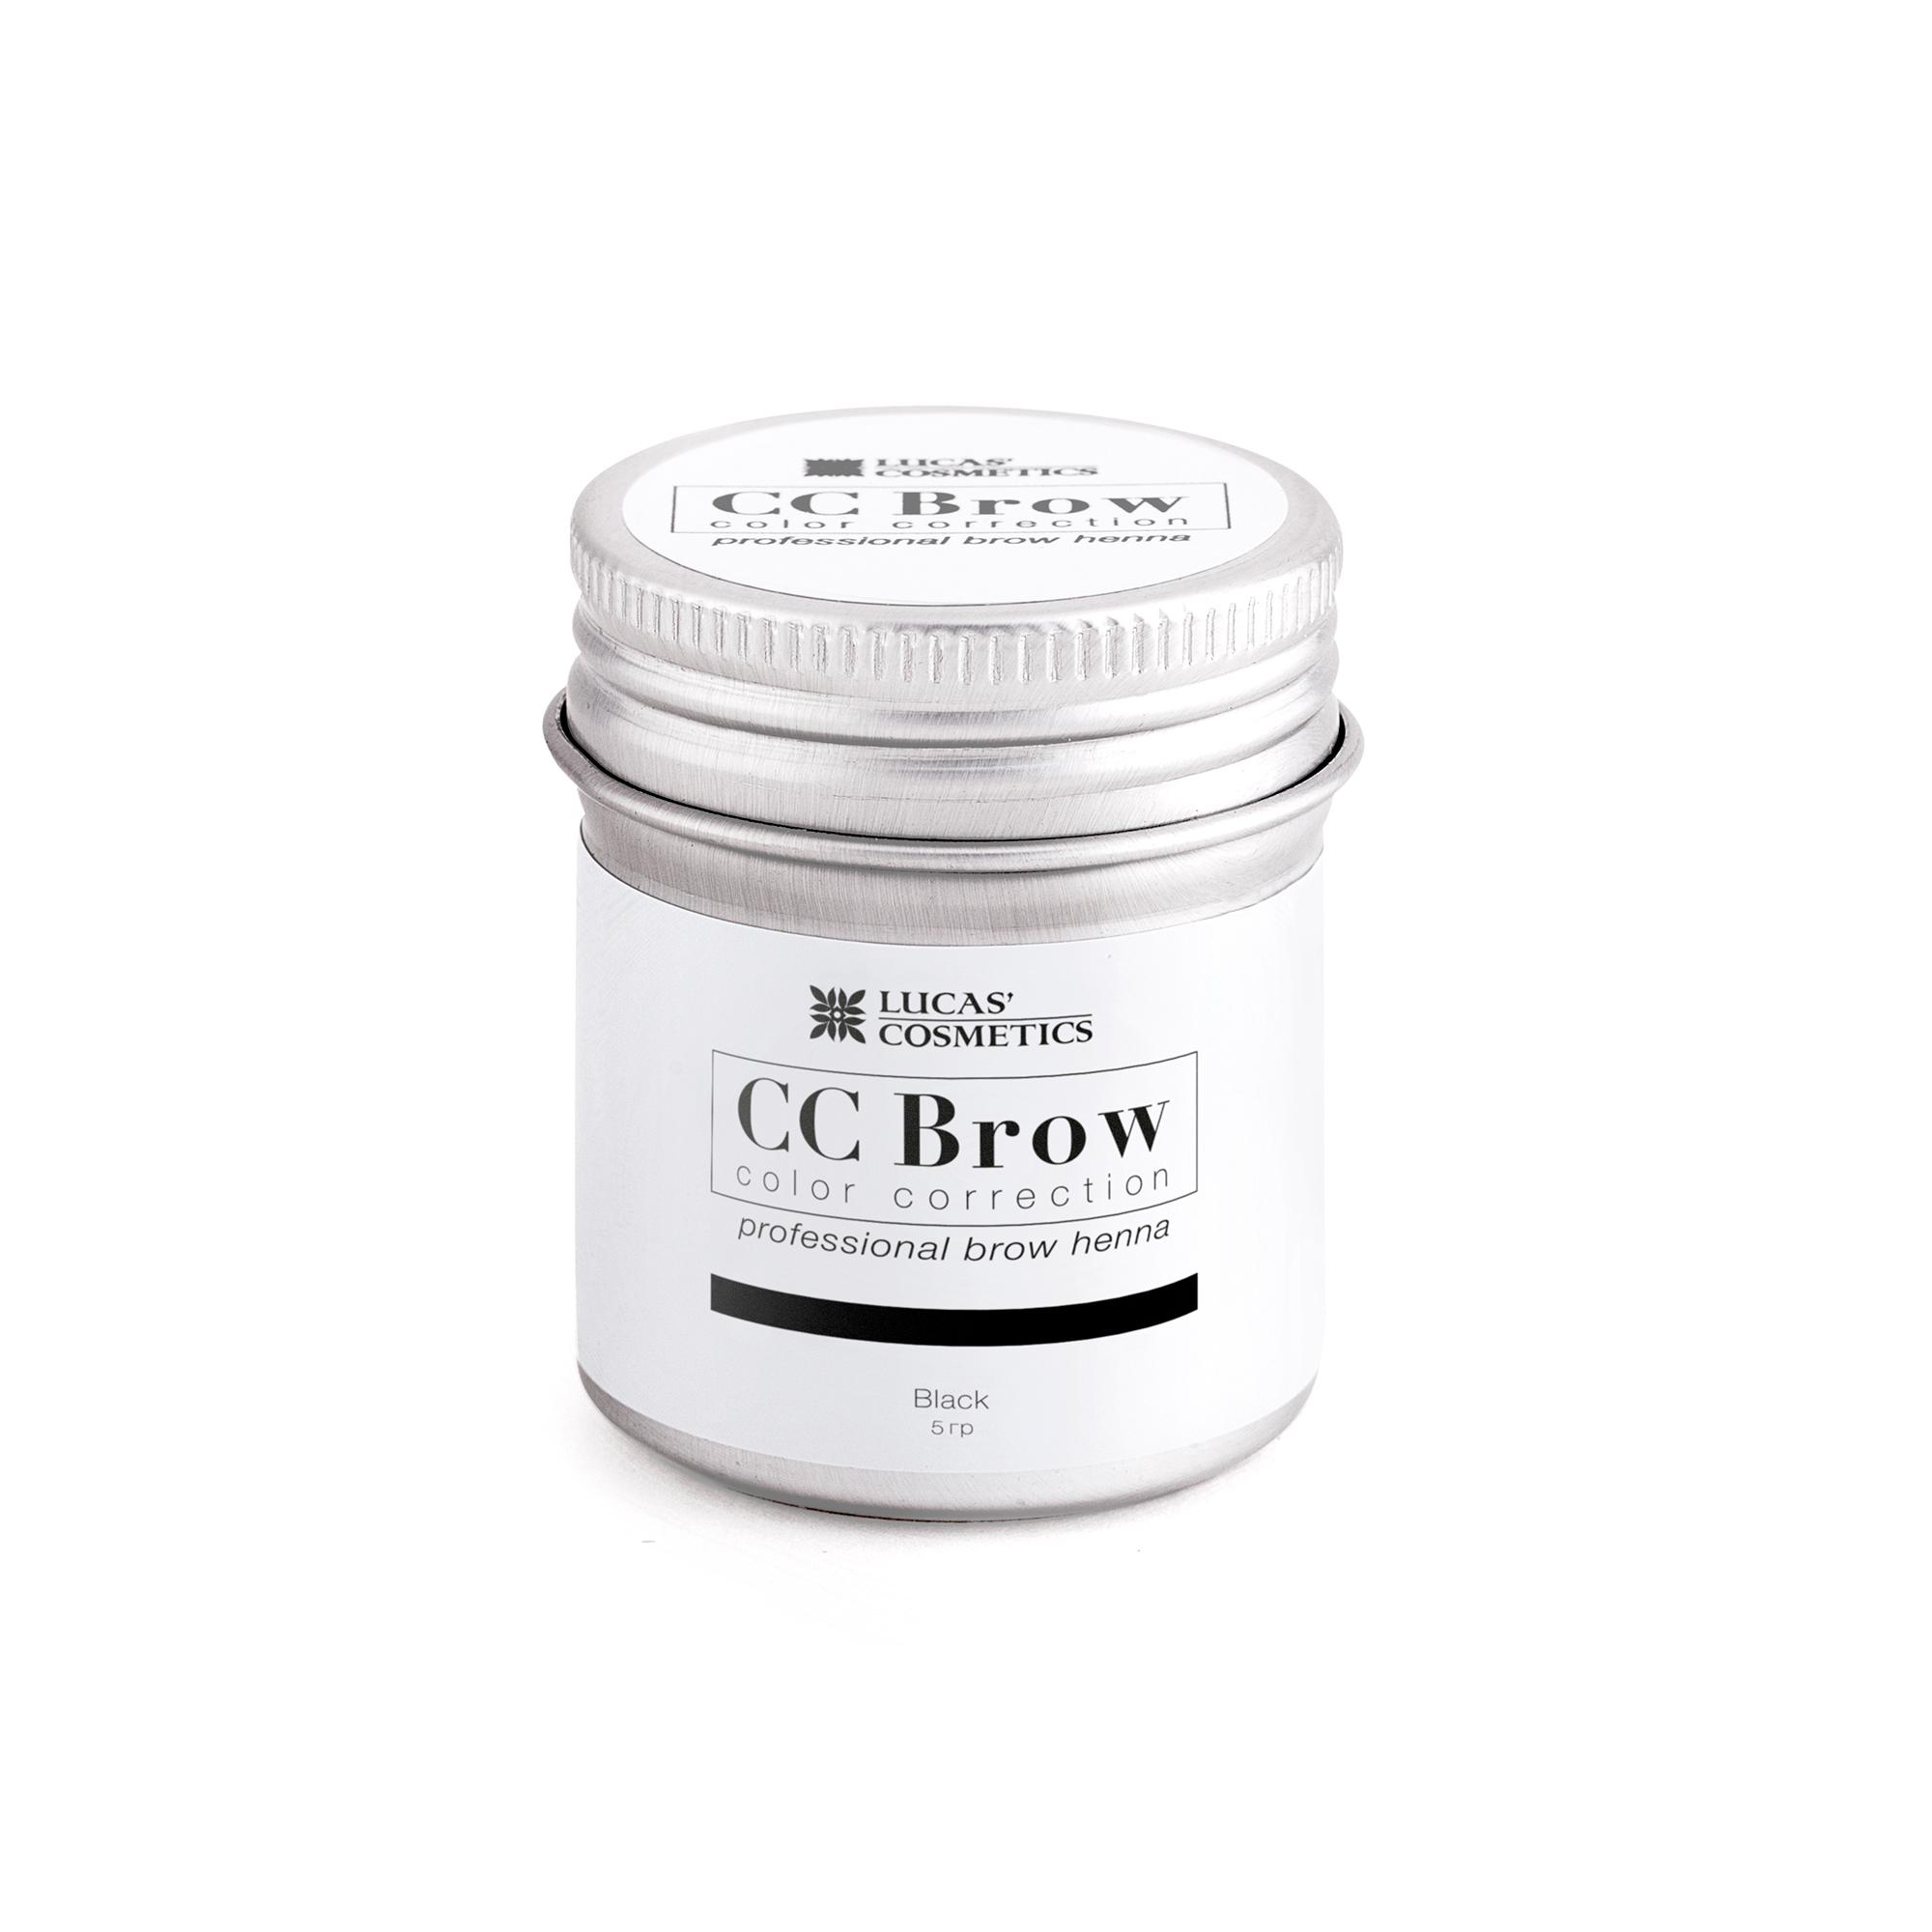 LUCAS' COSMETICS Хна для бровей в баночке (черный) / CC Brow (black), 5 гр